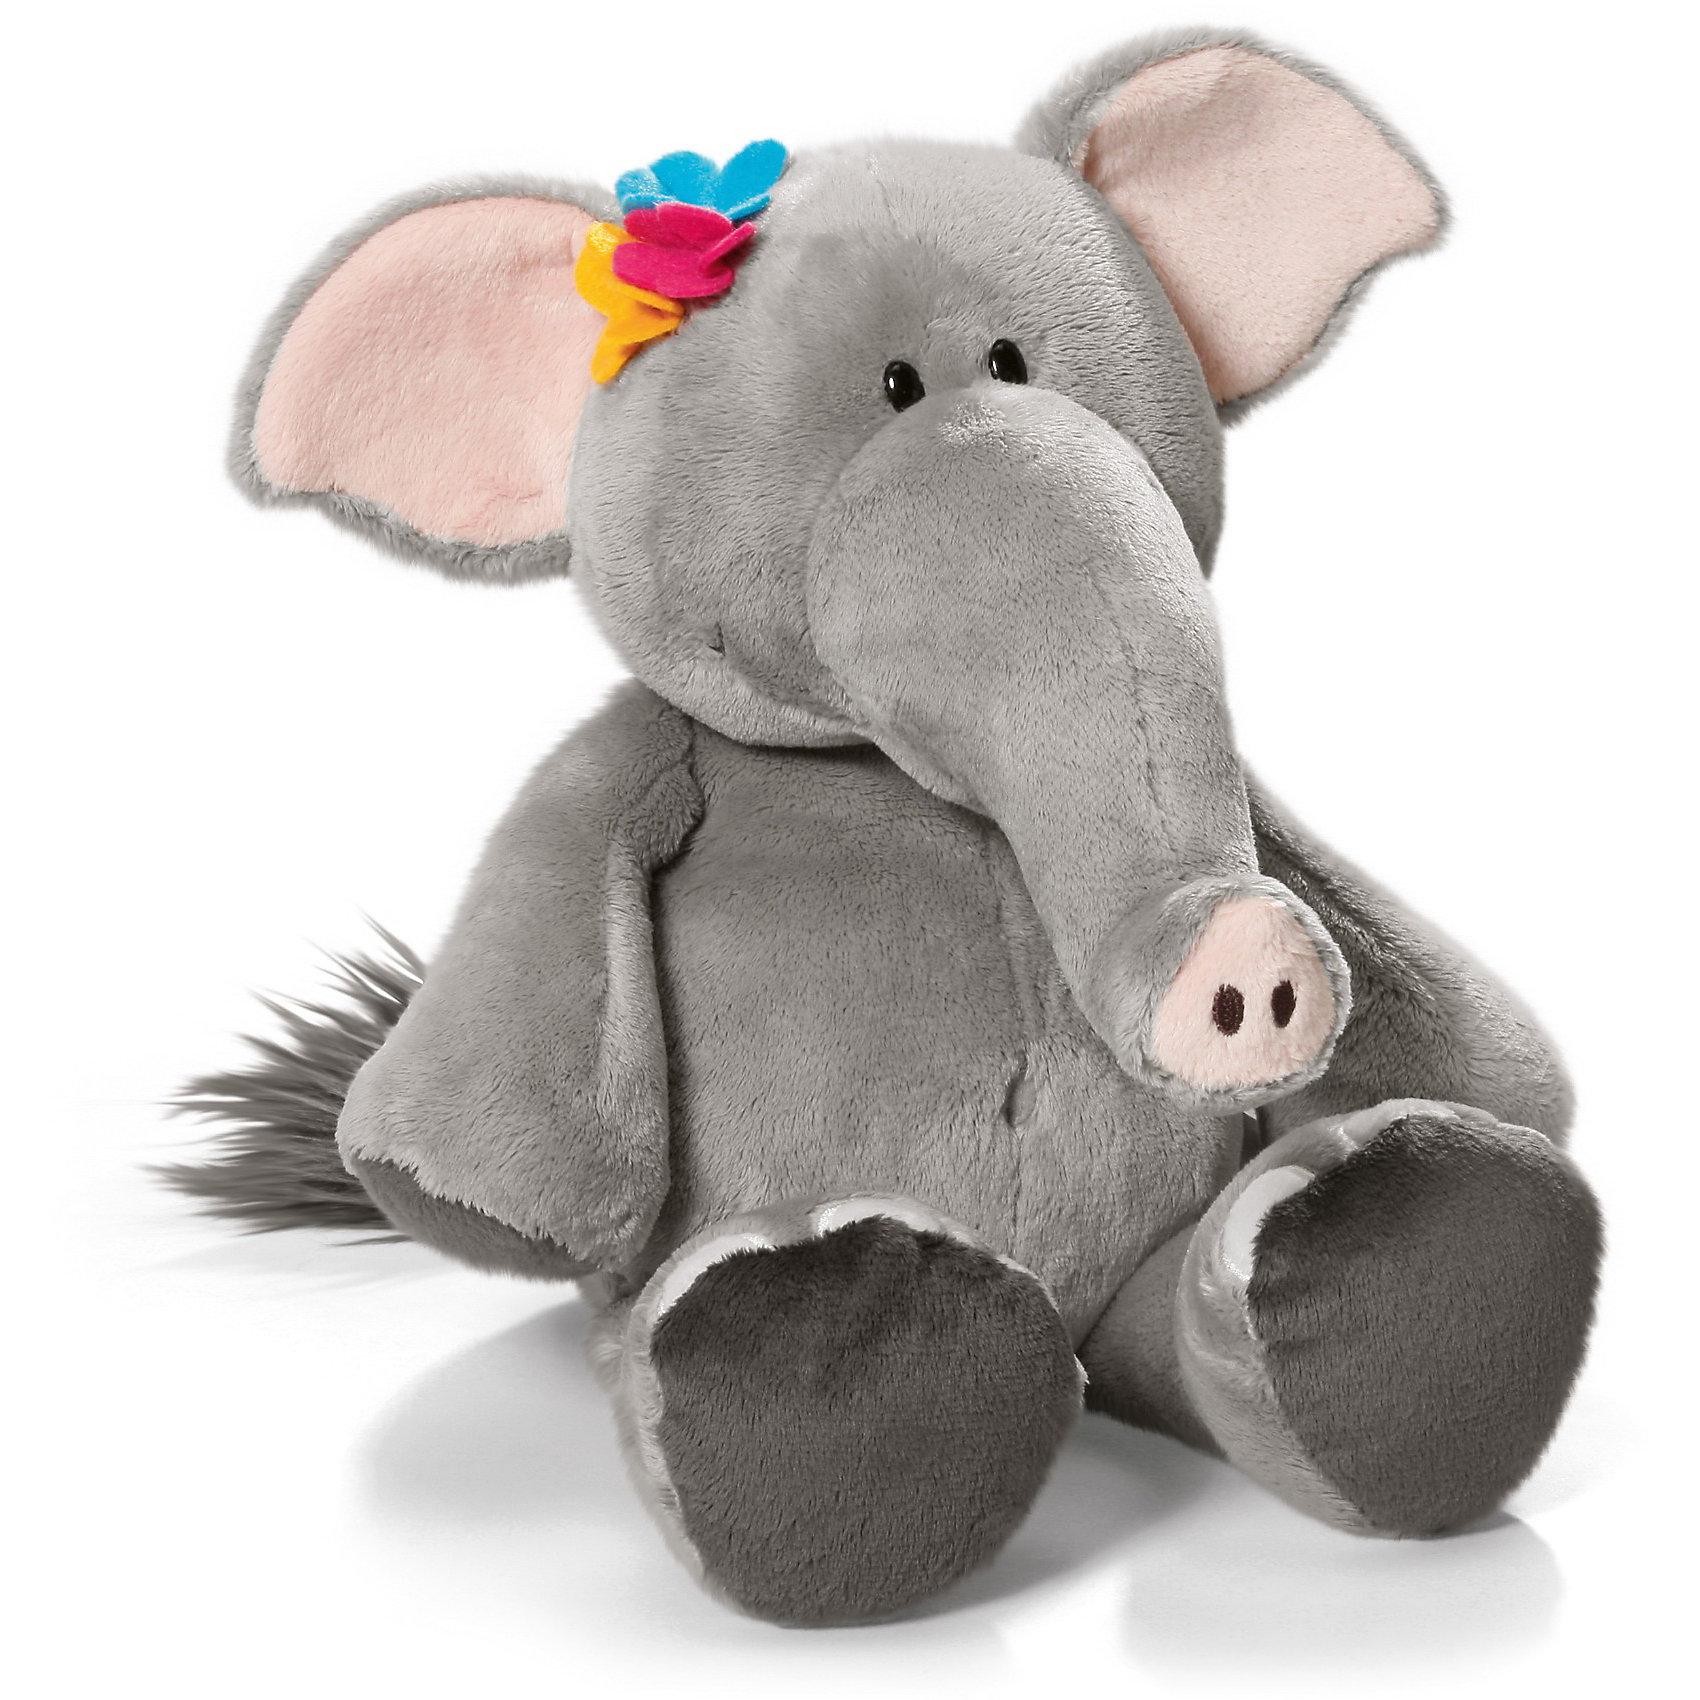 Слониха, 25 см,  NICIЗвери и птицы<br>Плюшевая зверушка Слониха, 25 см от NICI станет прекрасным подарком для Вашего малыша.<br>Мягкая игрушка Слониха, сидячая – это очаровательная плюшевая игрушка от немецкого производителя Nici. Симпатичная слониха станет лучшим другом Вашего малыша на долгие годы. Игрушка сделана из мягкого приятного на ощупь материала, и ребенку очень понравится гладить его и прижимать к себе. Глазки у слонихи пластиковые. Основной цвет игрушки - серый, внутренняя часть ушек слонихи - розовая, на голове - маленькие разноцветные цветочки. Игрушку можно посадить на ровную поверхность.<br>Игрушка изготовлена из экологически чистых материалов: высококачественного плюша с набивкой из гипоаллергенного синтепона. Не деформируется и не теряет внешний вид при стирке.<br><br>Дополнительная информация:<br><br>- Высота игрушки: 25 см.<br>- Материал: плюш, синтепон<br><br>Мягкую игрушку Слониха, 25 см можно купить в нашем интернет-магазине.<br><br>Ширина мм: 240<br>Глубина мм: 182<br>Высота мм: 111<br>Вес г: 142<br>Возраст от месяцев: 24<br>Возраст до месяцев: 2147483647<br>Пол: Унисекс<br>Возраст: Детский<br>SKU: 3674984